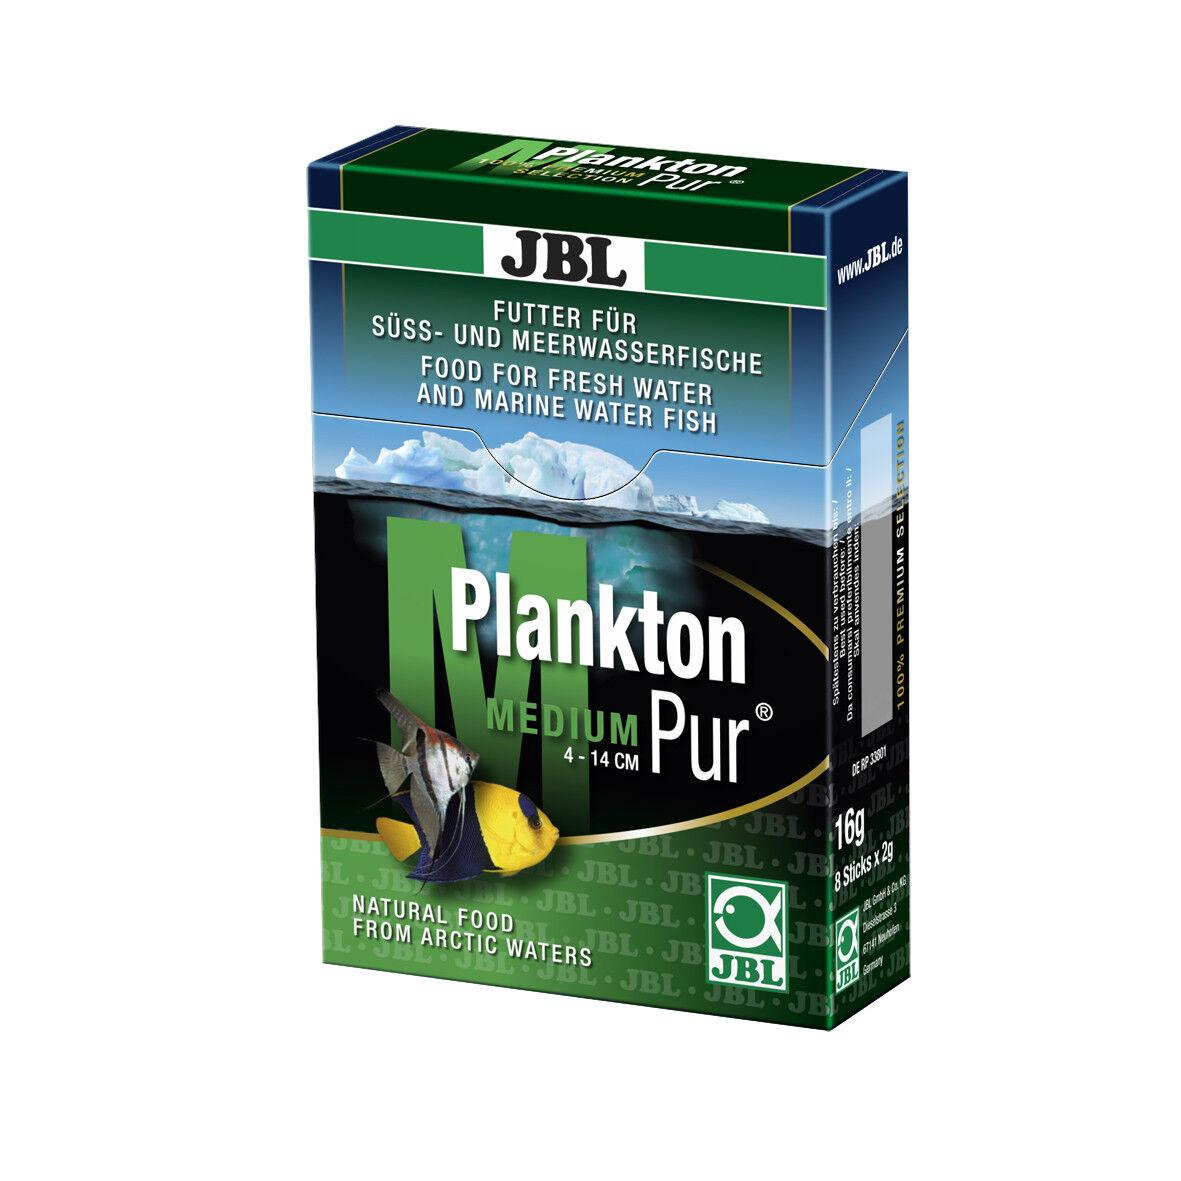 6 Confezioni JBL Plancton-Pur M2, 48 x 2 G Confezione Risparmio, per Grandi